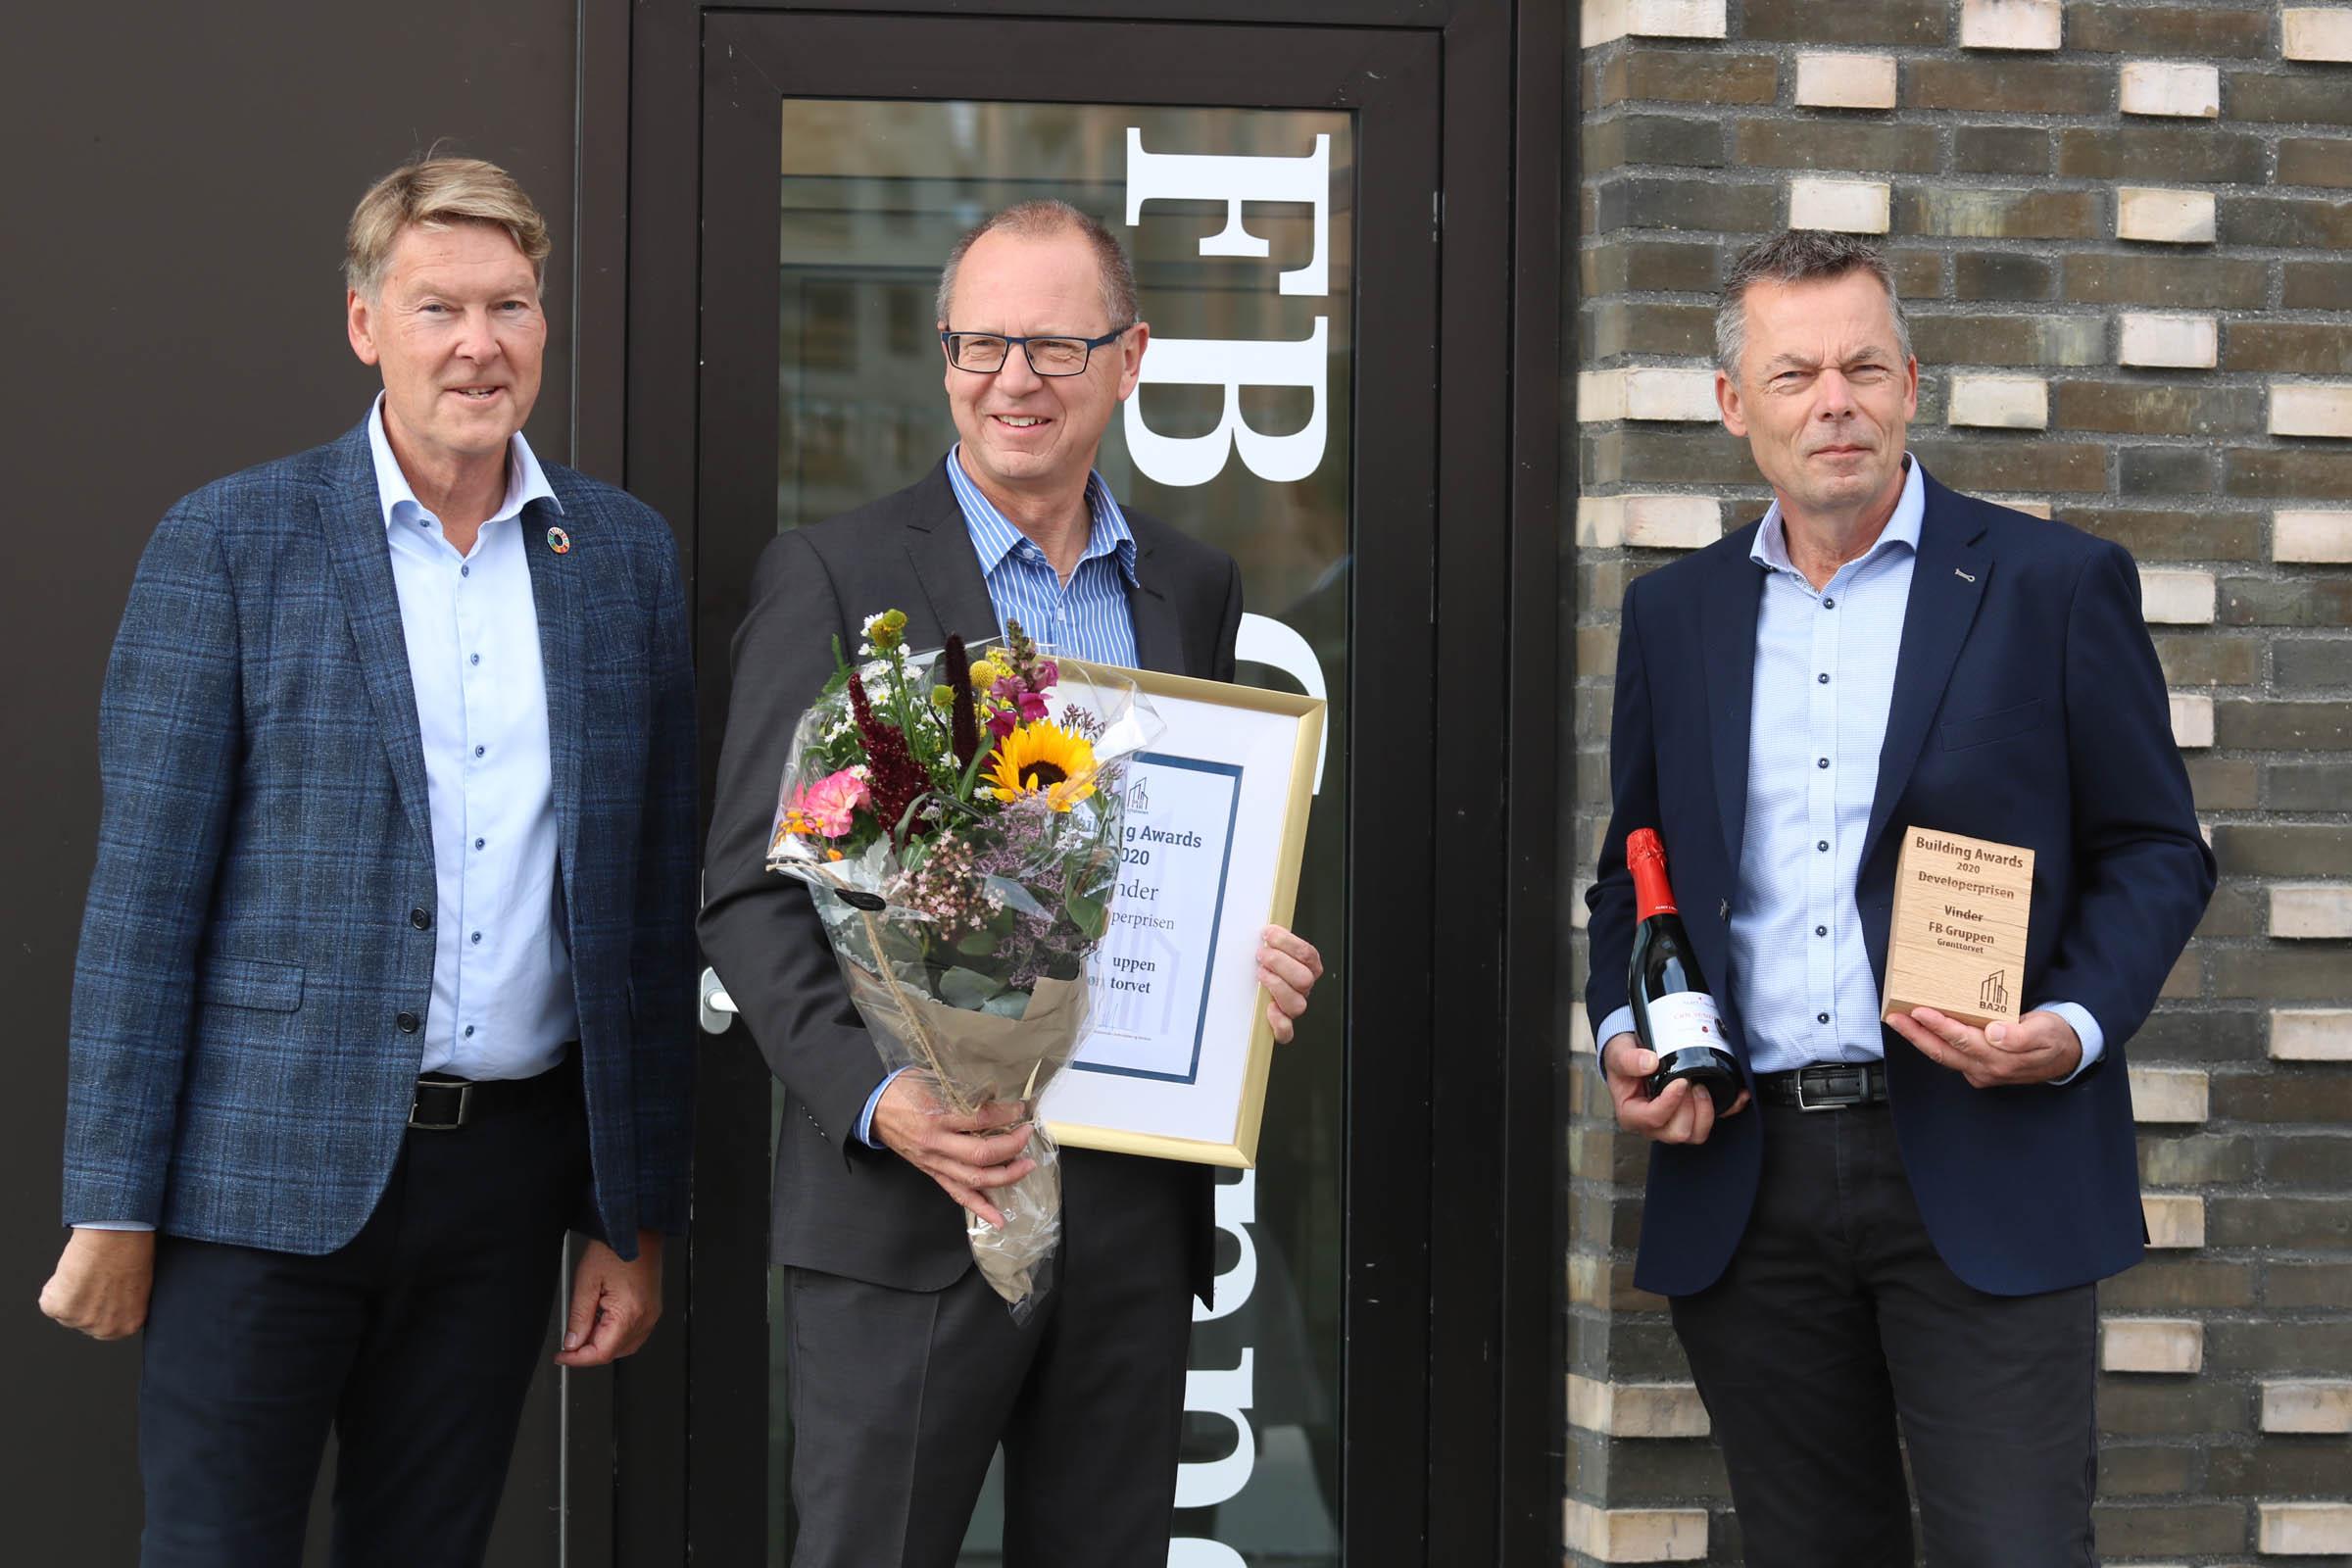 Claus Bering Hans-Bo Hyldig Stig Nørnberg Developerprisen 2020